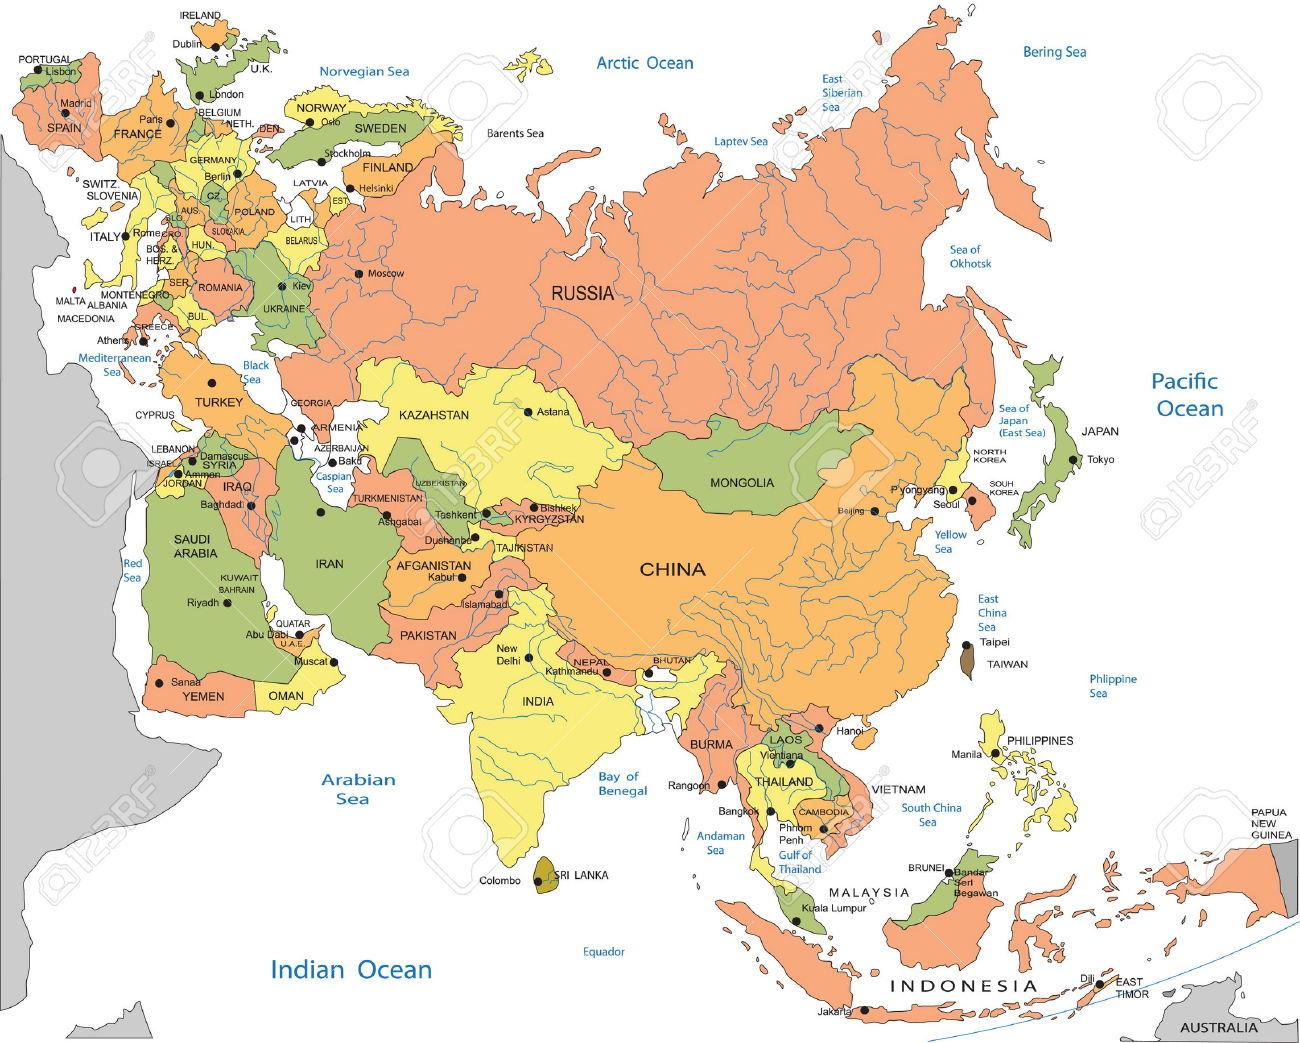 6128941-Political-map-of-Eurasia-Stock-Vector-asia.jpg